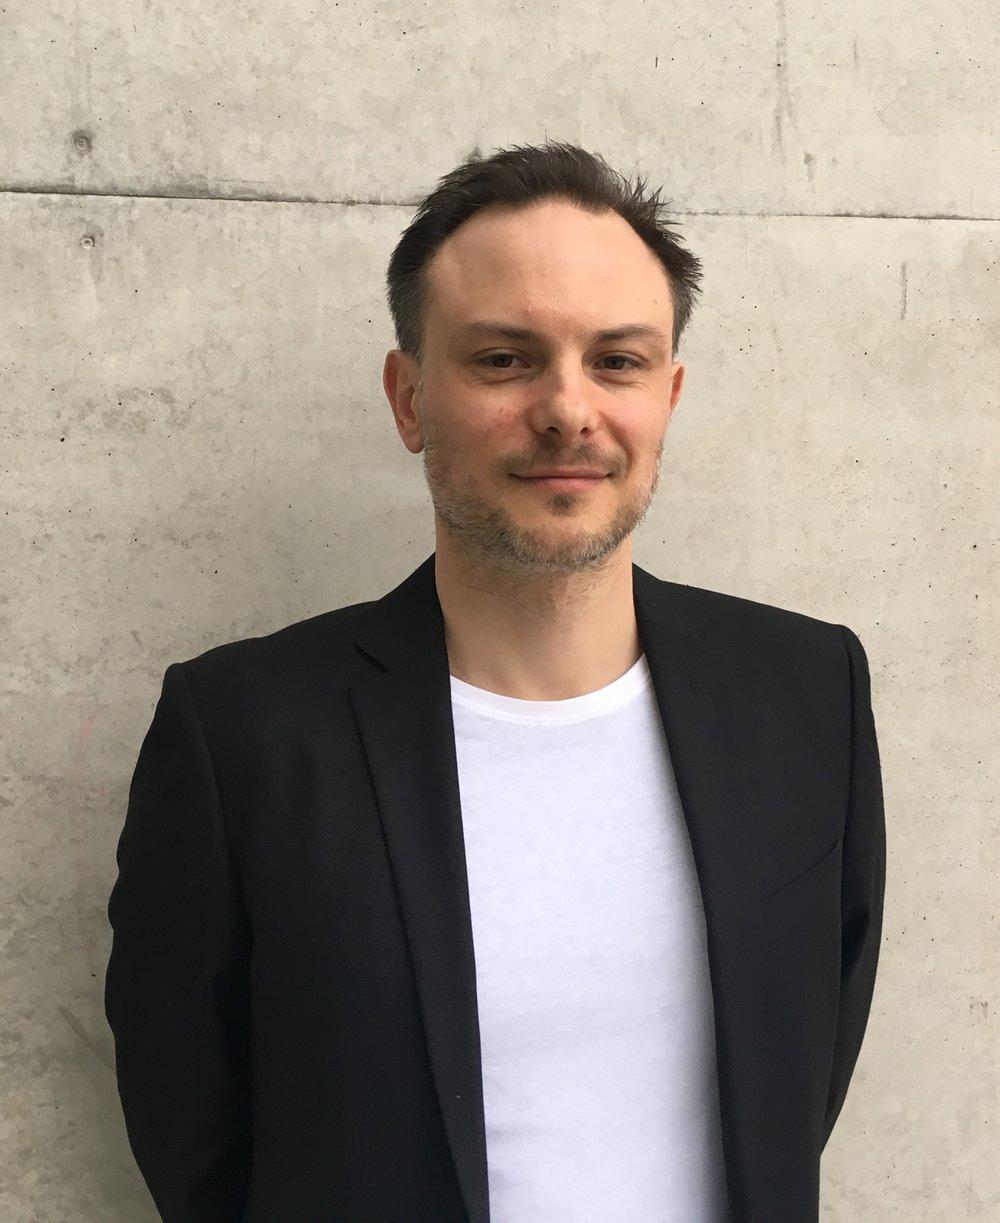 Joachim Haenicke - Profilbild.JPG